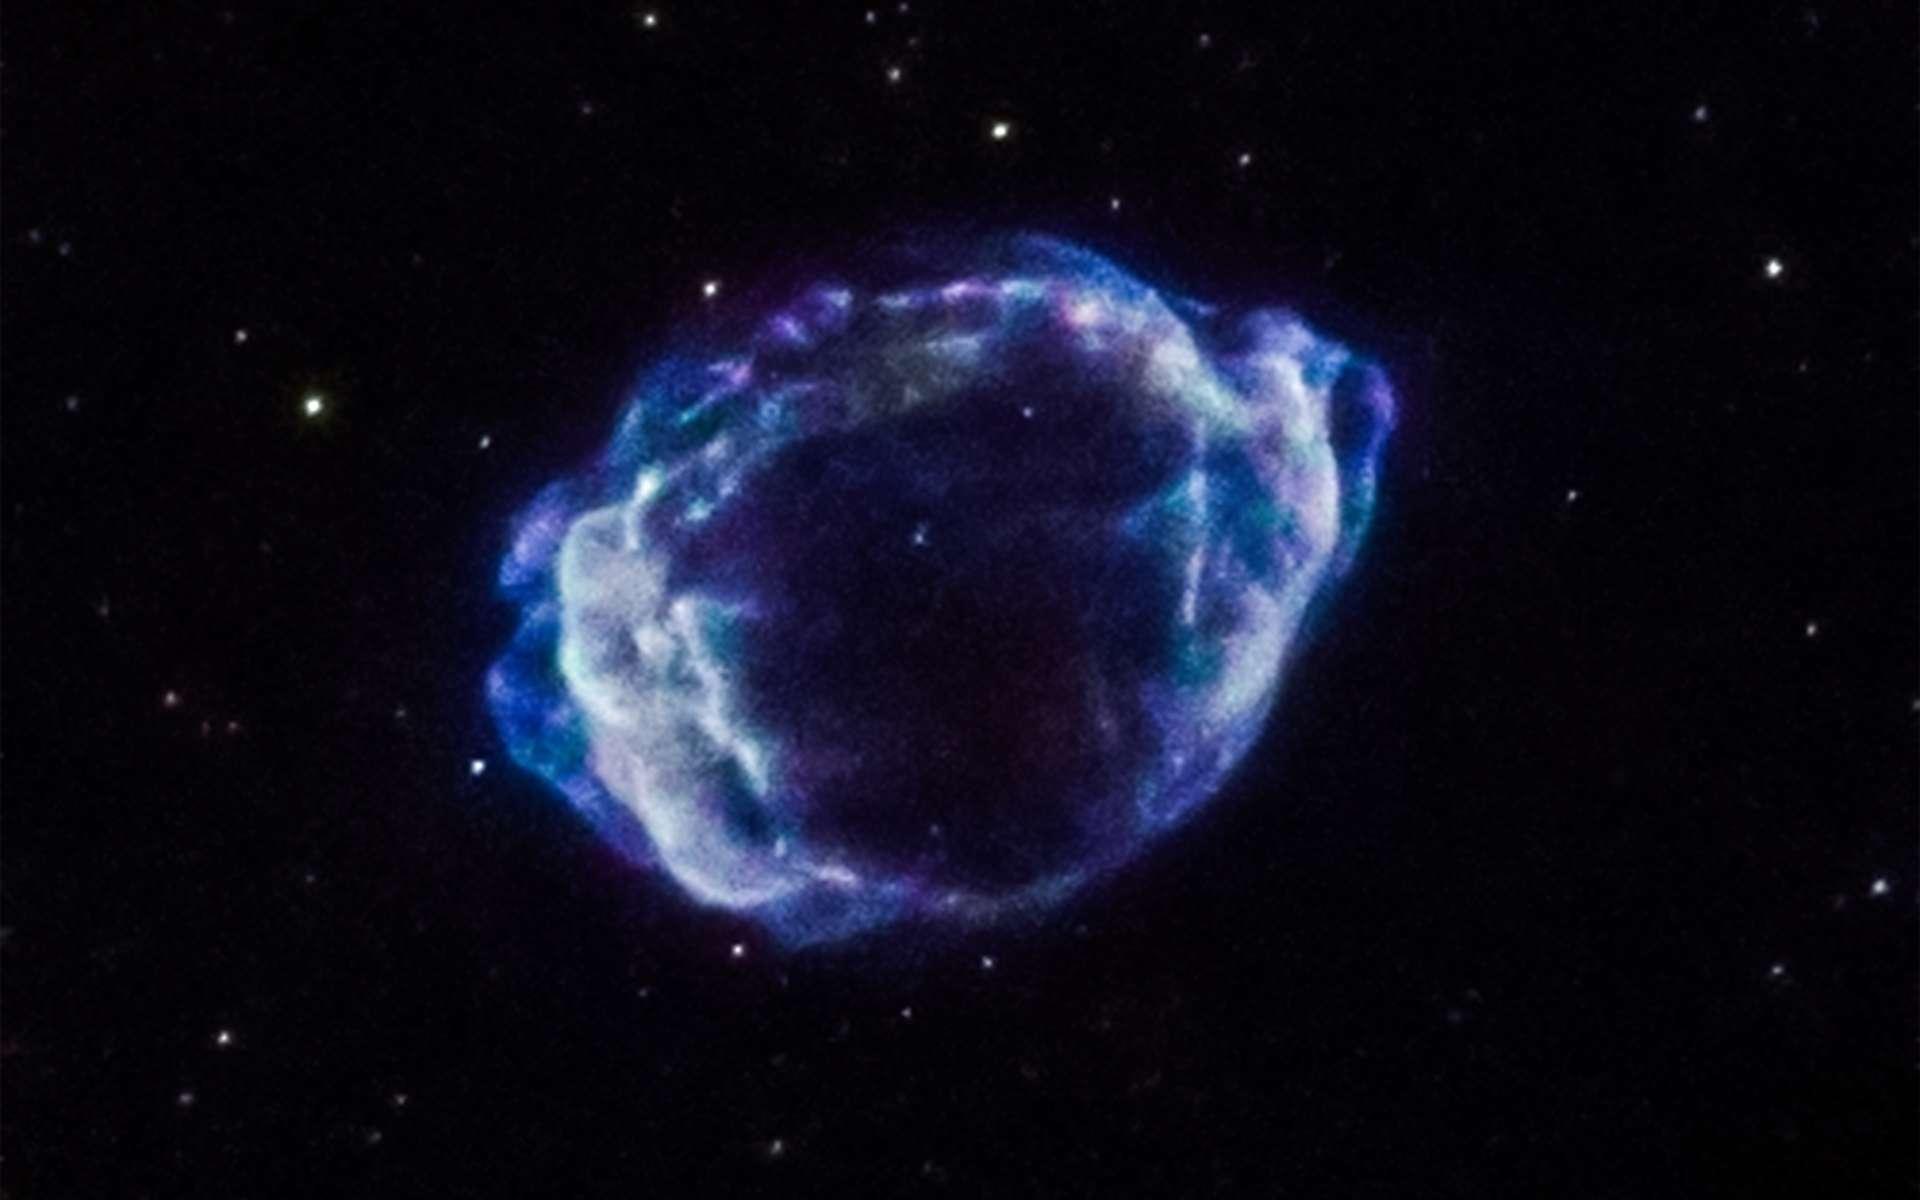 Rémanents de la supernova SNR G1.9+0.3 imagé dans le rayonnement X par Chandra. Étendus actuellement sur 30 années-lumière à près de 28.000 années-lumière de la Terre, les restes poursuivent leur expansion. © Nasa, CXC, CfA, S.Chakraborti et al.